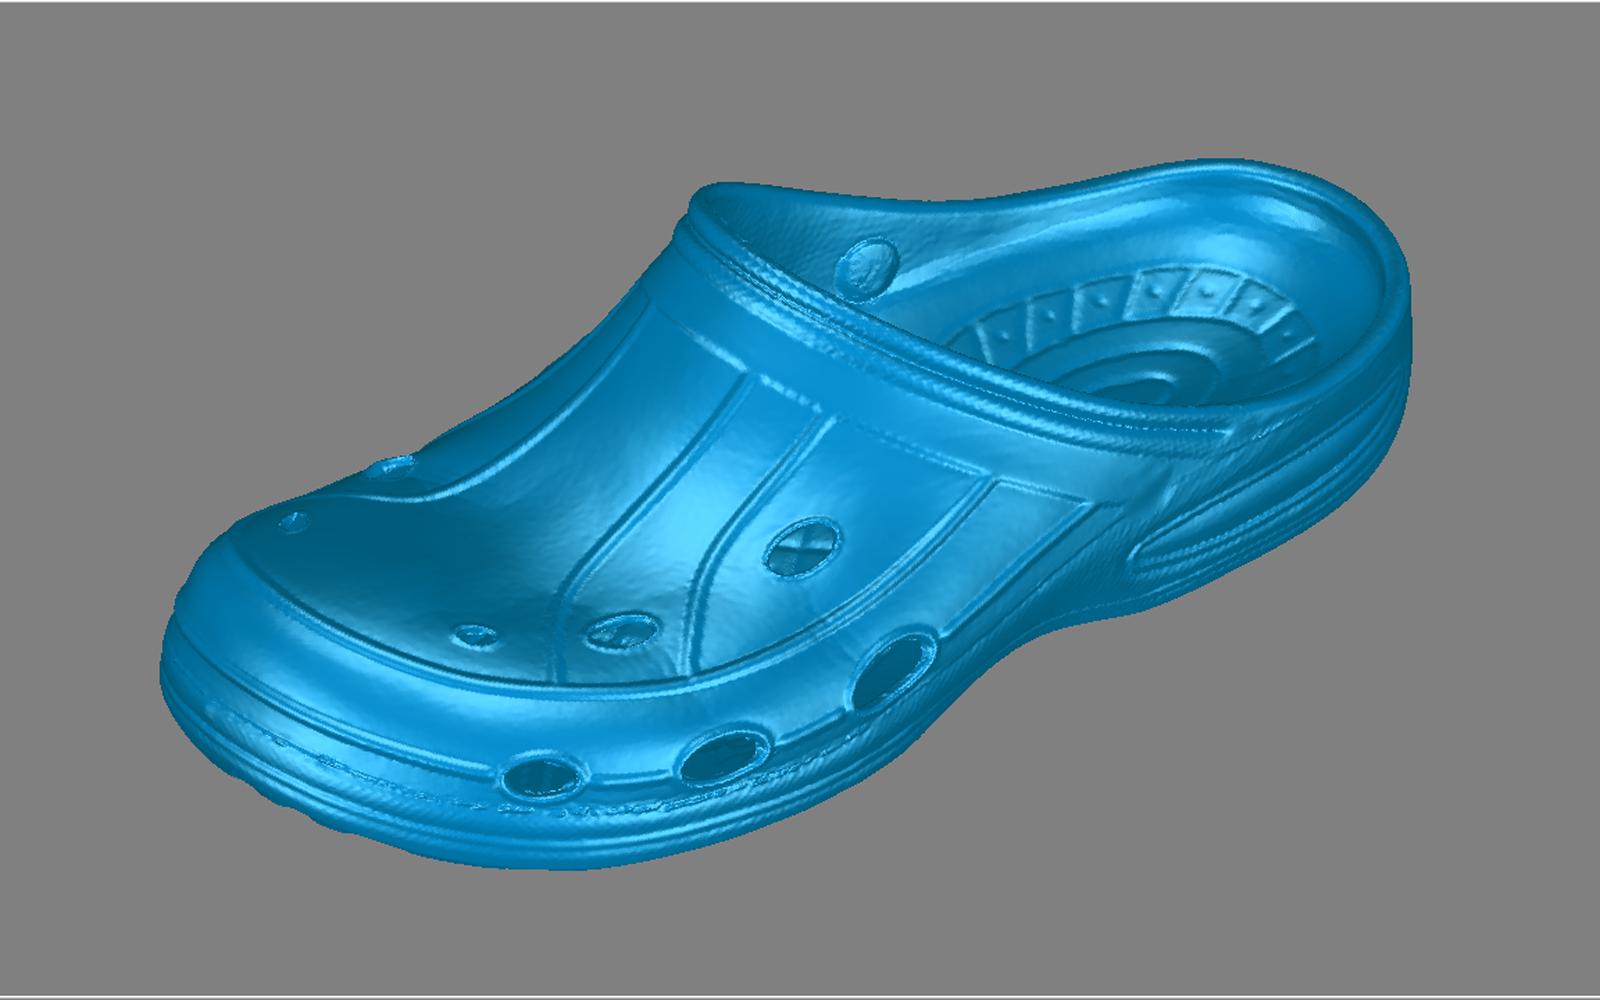 Conap 3D Reverse Engineering - Croc Schuh auf dem Messtisch